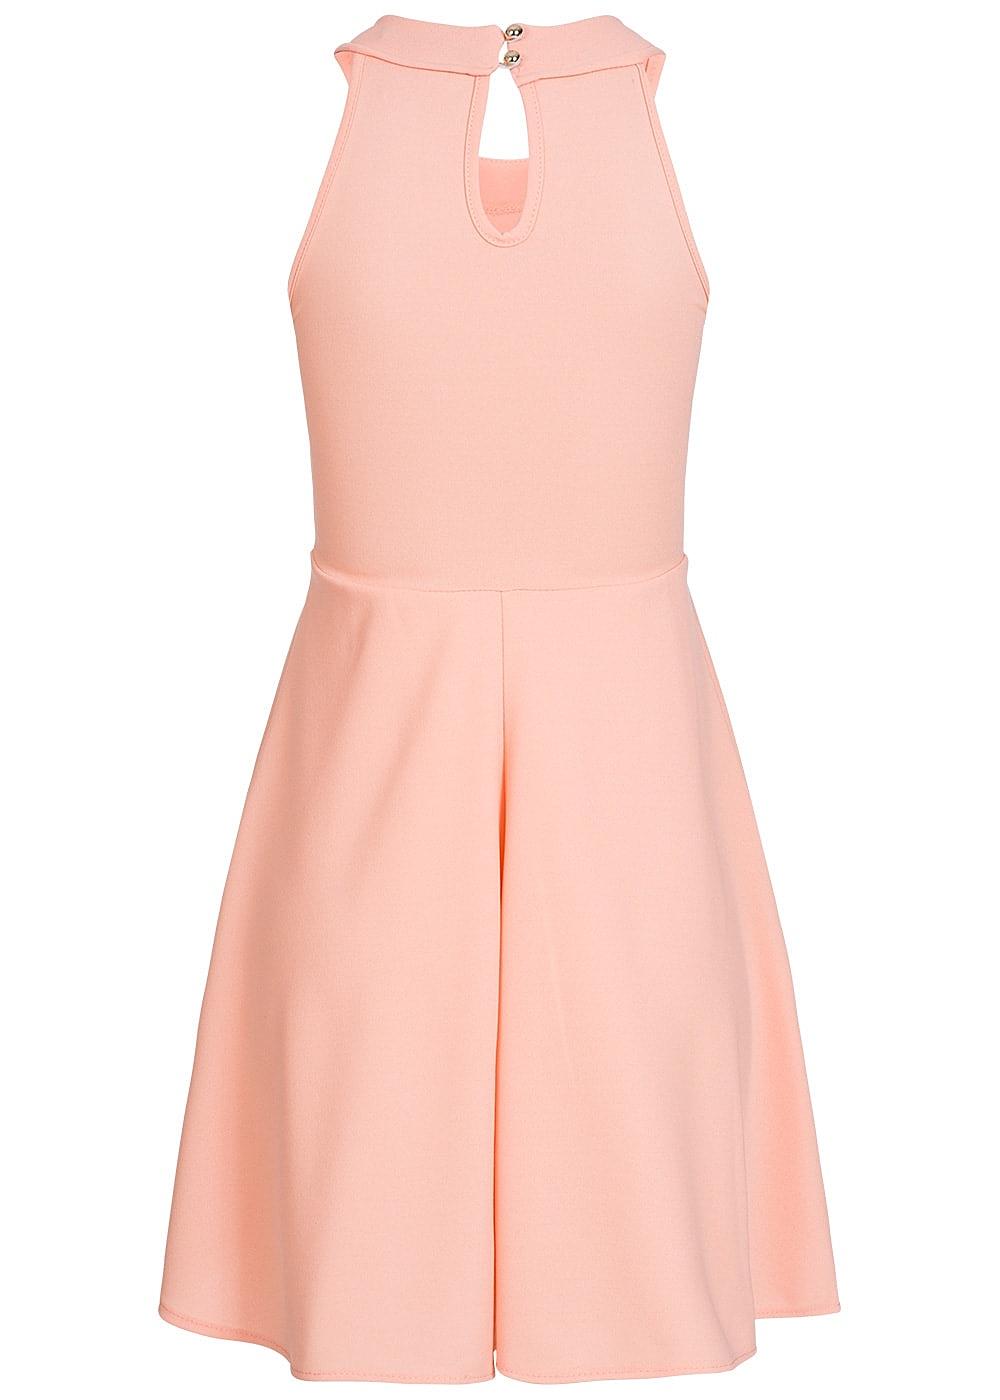 styleboom fashion damen mini kleid brustpads vorne volant look rosa 77onlineshop. Black Bedroom Furniture Sets. Home Design Ideas